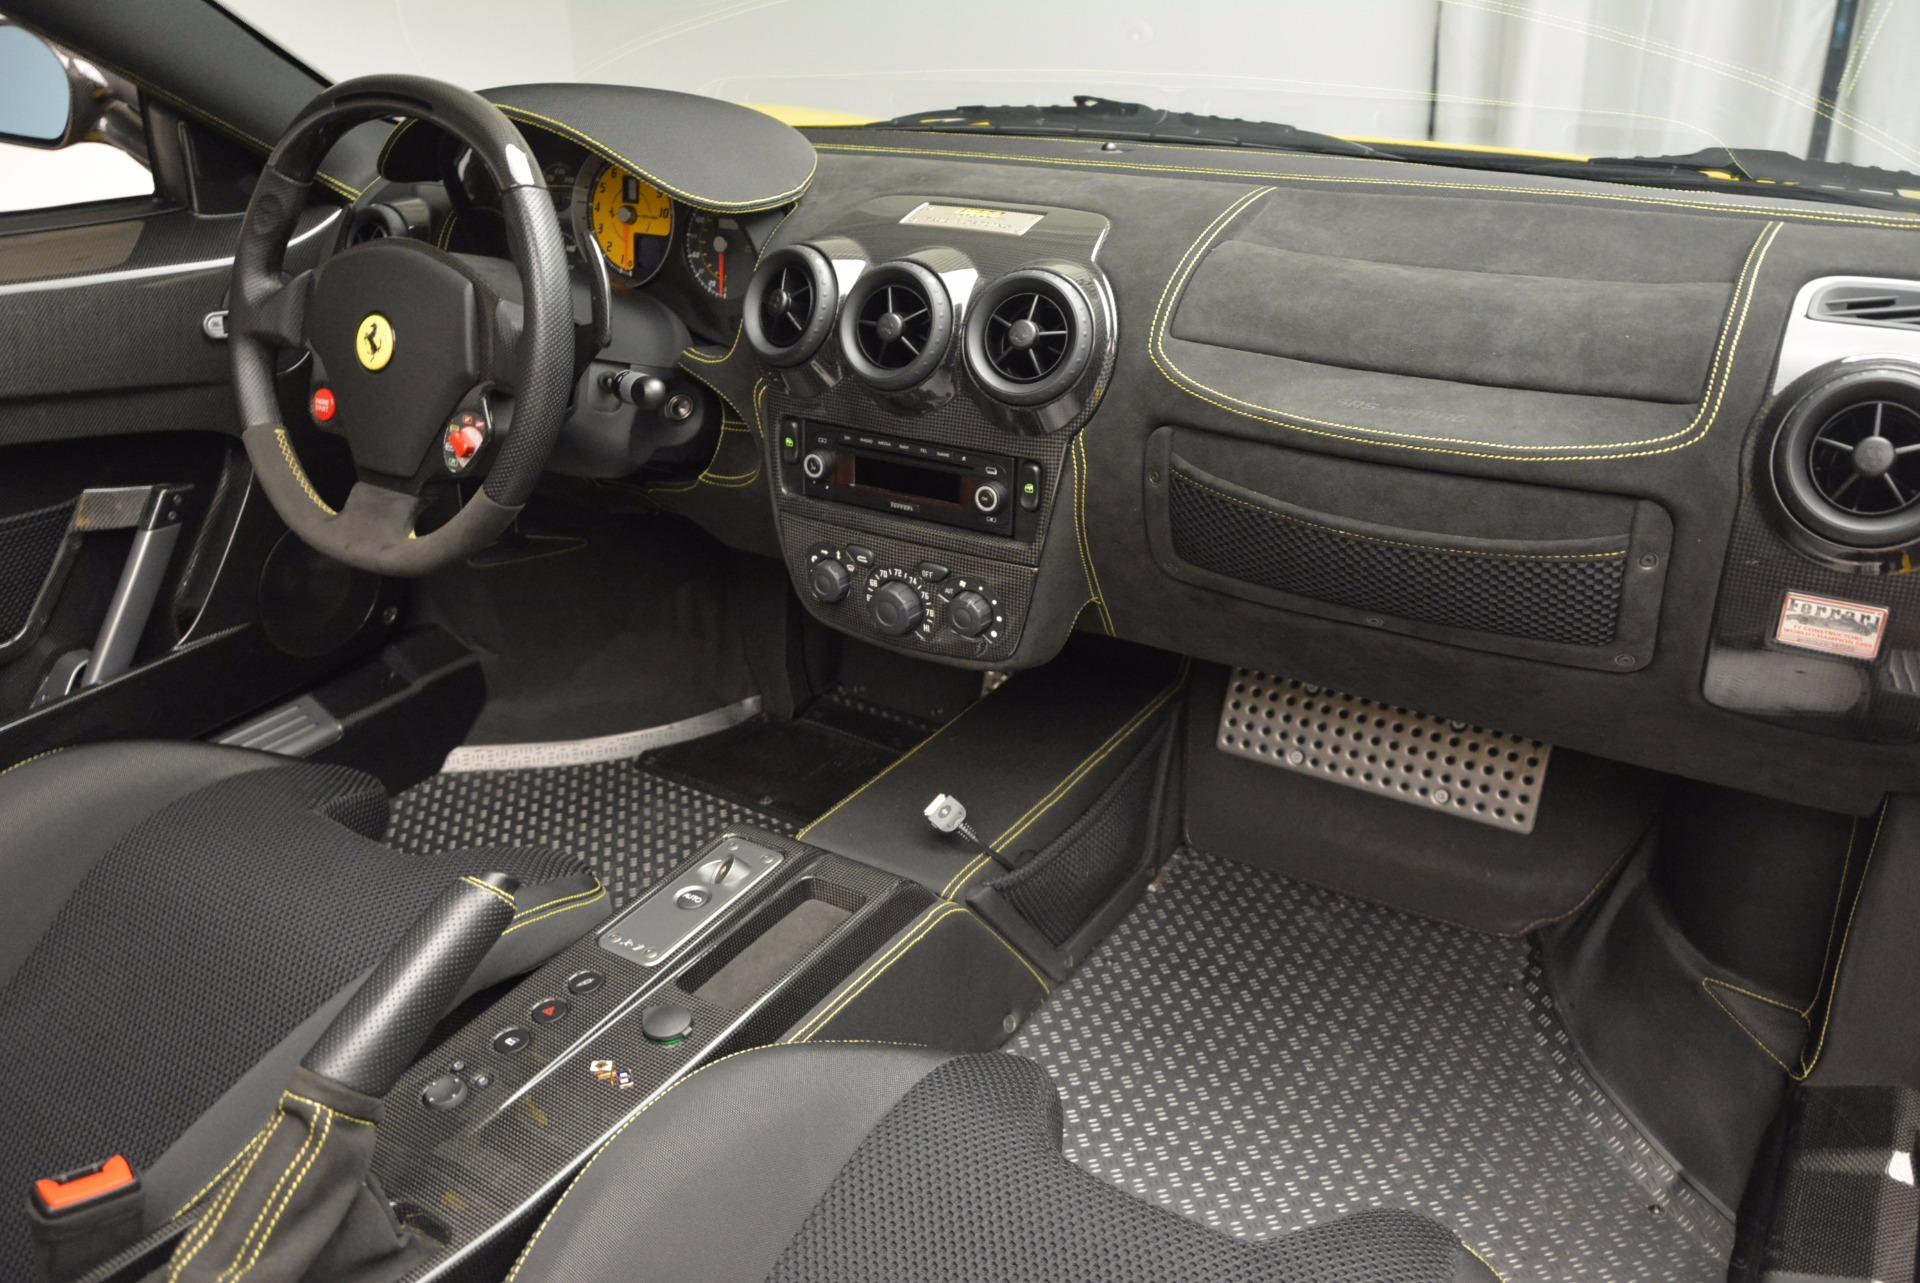 Used 2009 Ferrari F430 Scuderia 16M For Sale In Westport, CT 856_p29